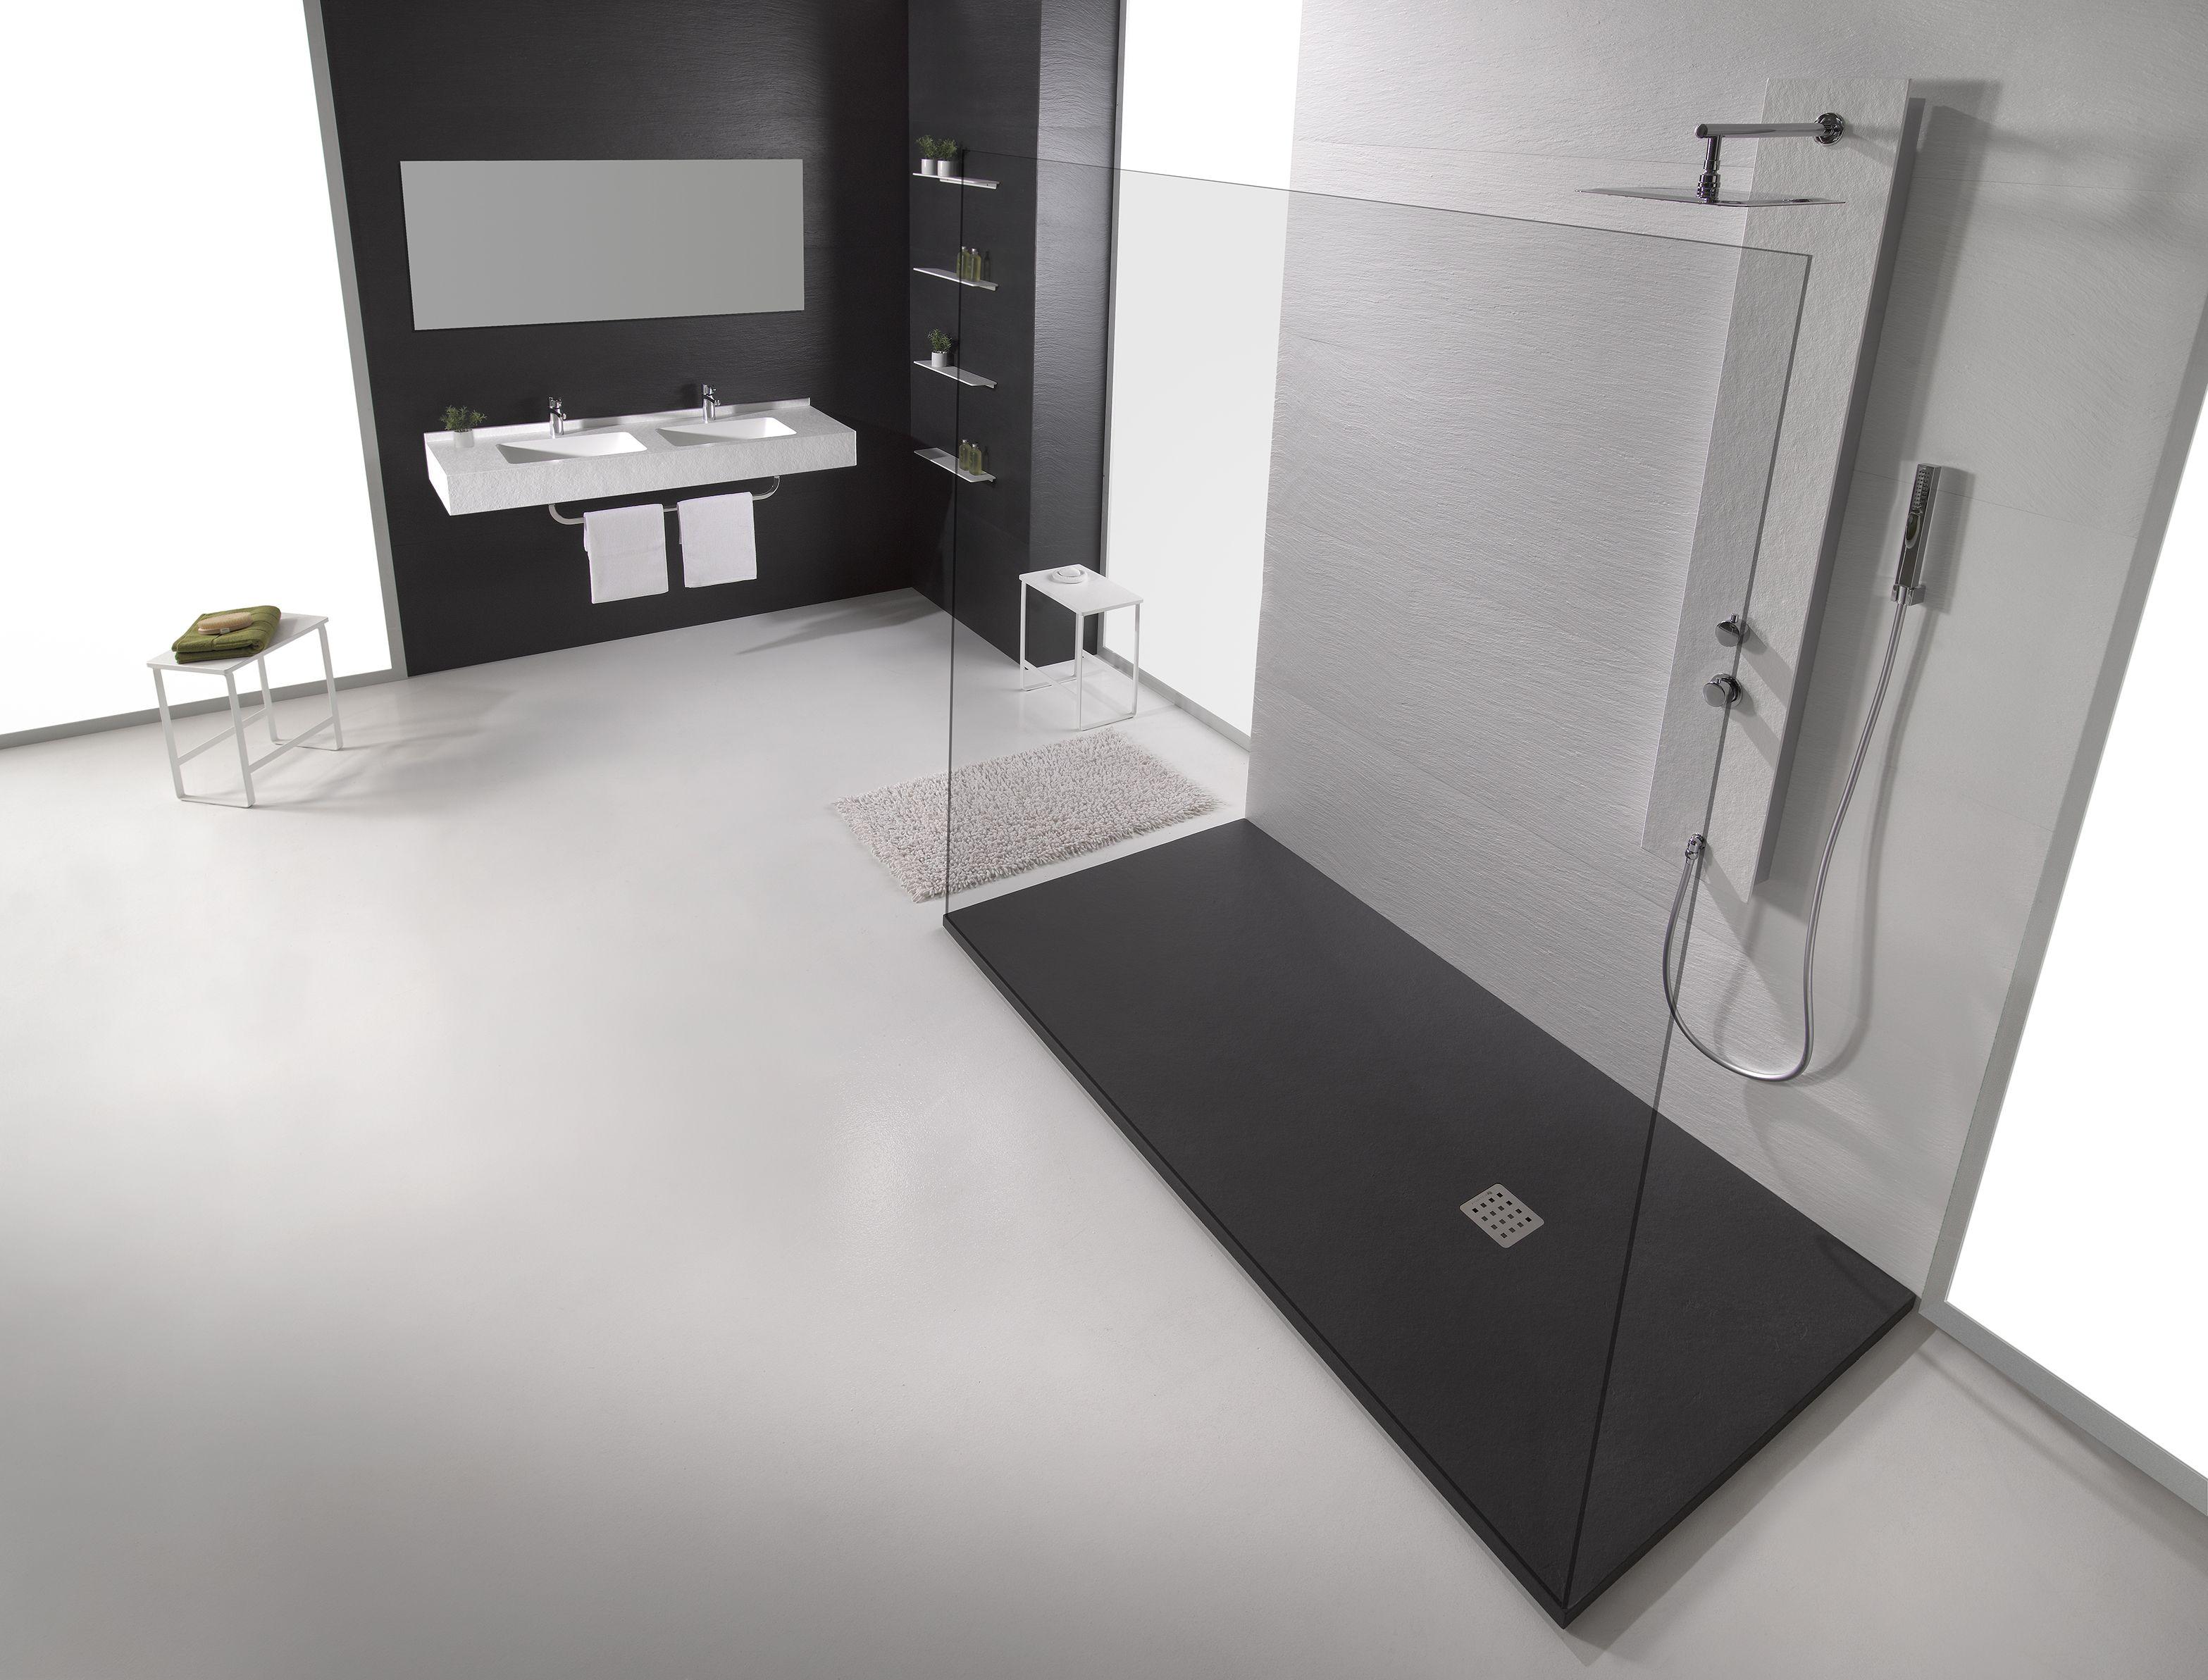 receveur douche acquabella excellent receveur de douche slate acquabella with receveur douche. Black Bedroom Furniture Sets. Home Design Ideas